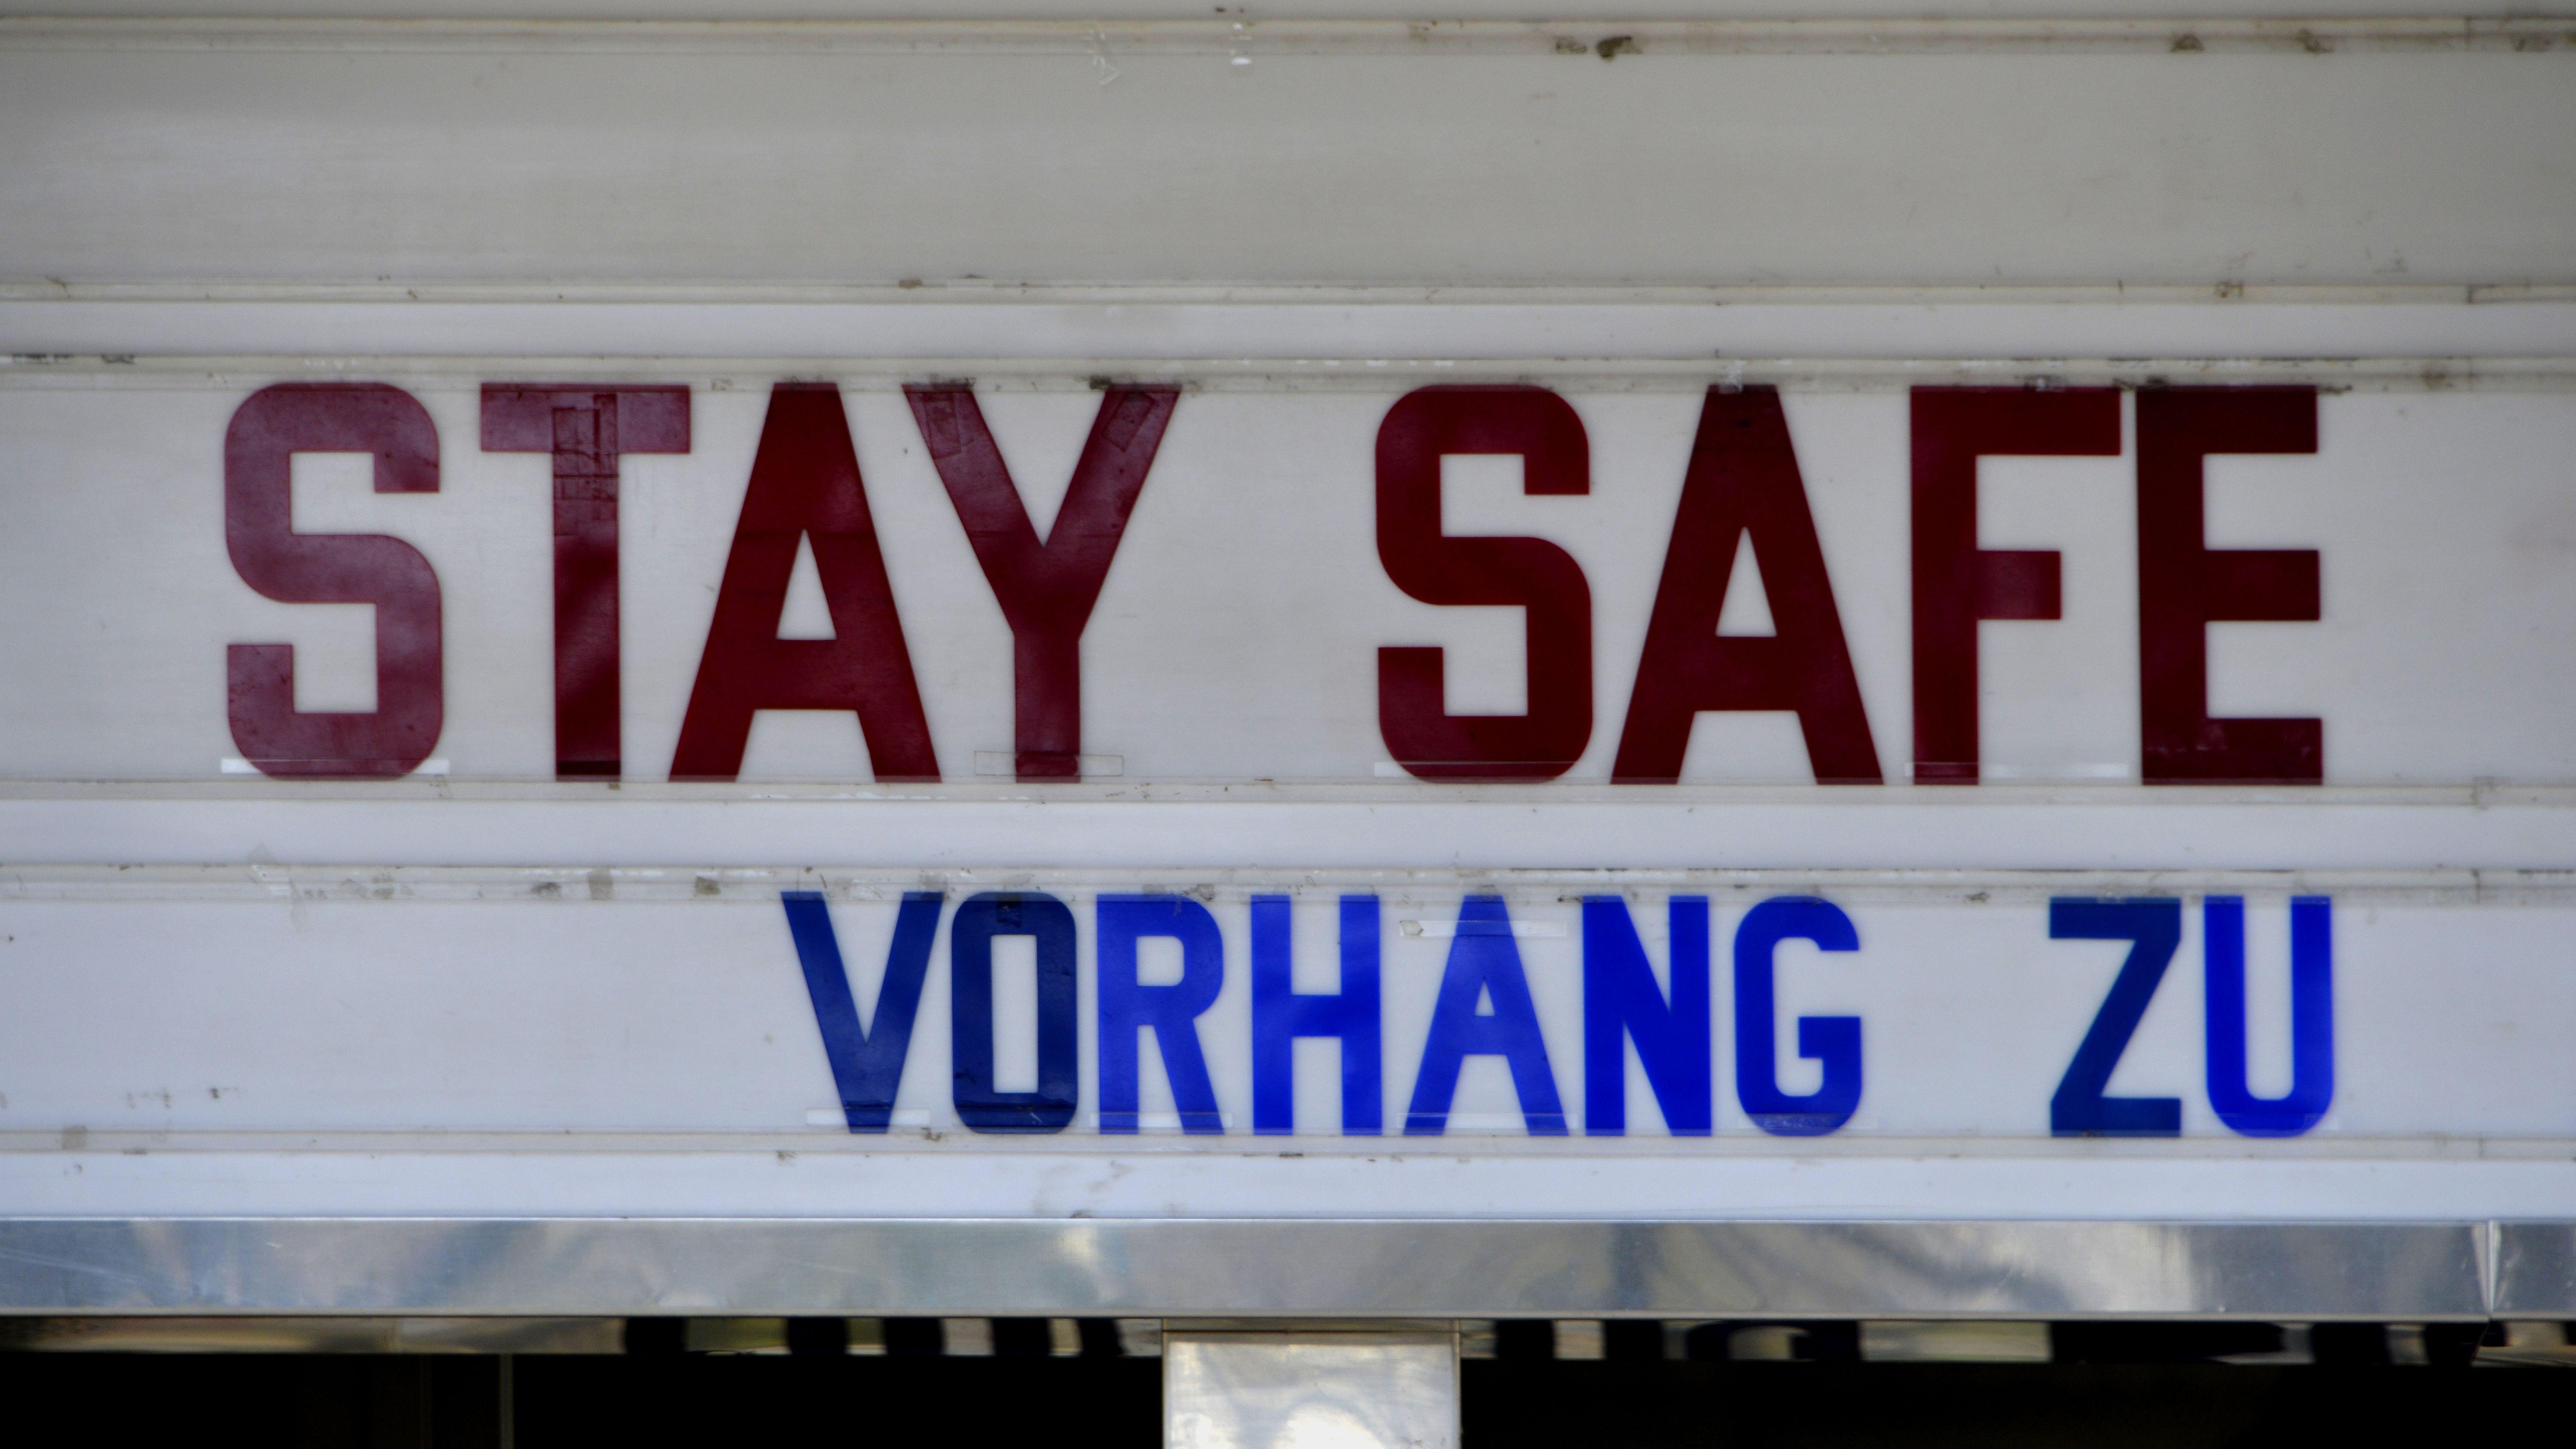 """Kino-Fassade eines geschlossenen Kinos mit Aufschrift: """"Stay safe - Vorhang zu"""""""